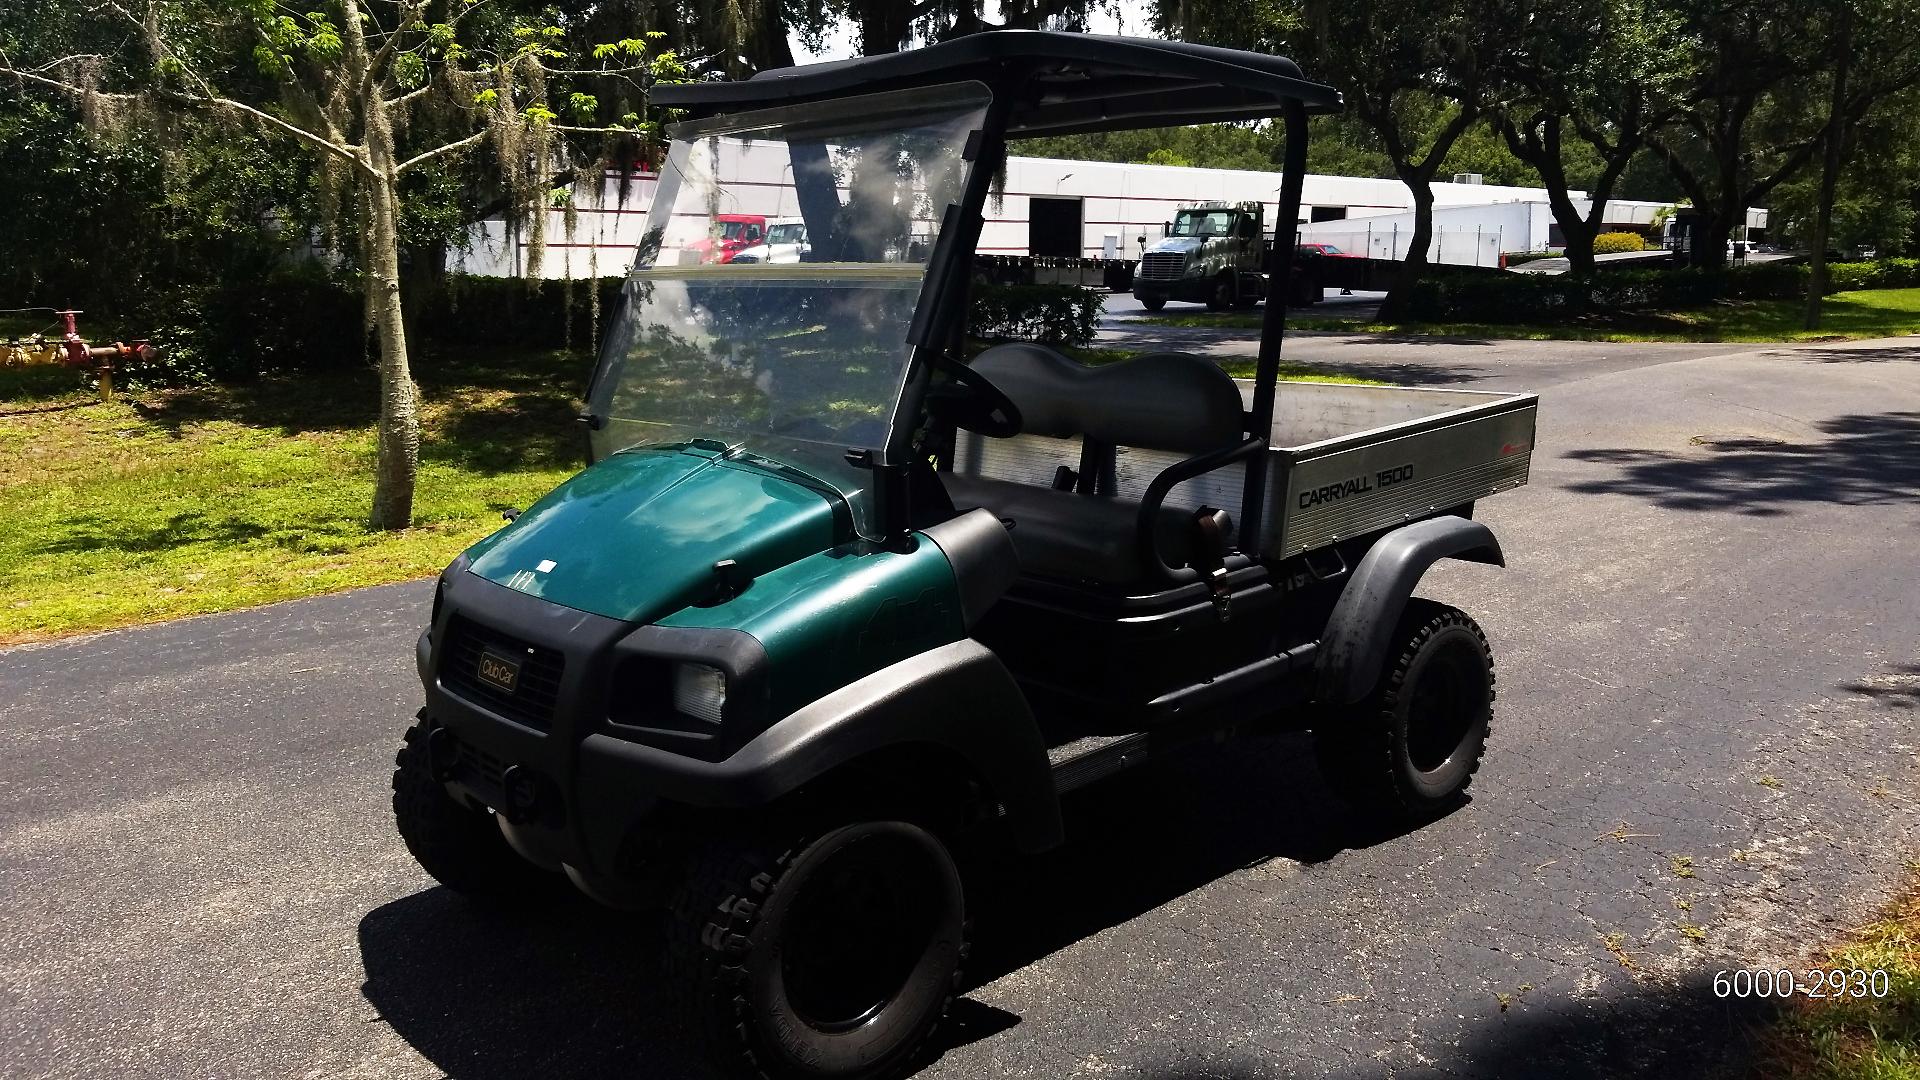 Club Car Turf 1500 4WD Diesel